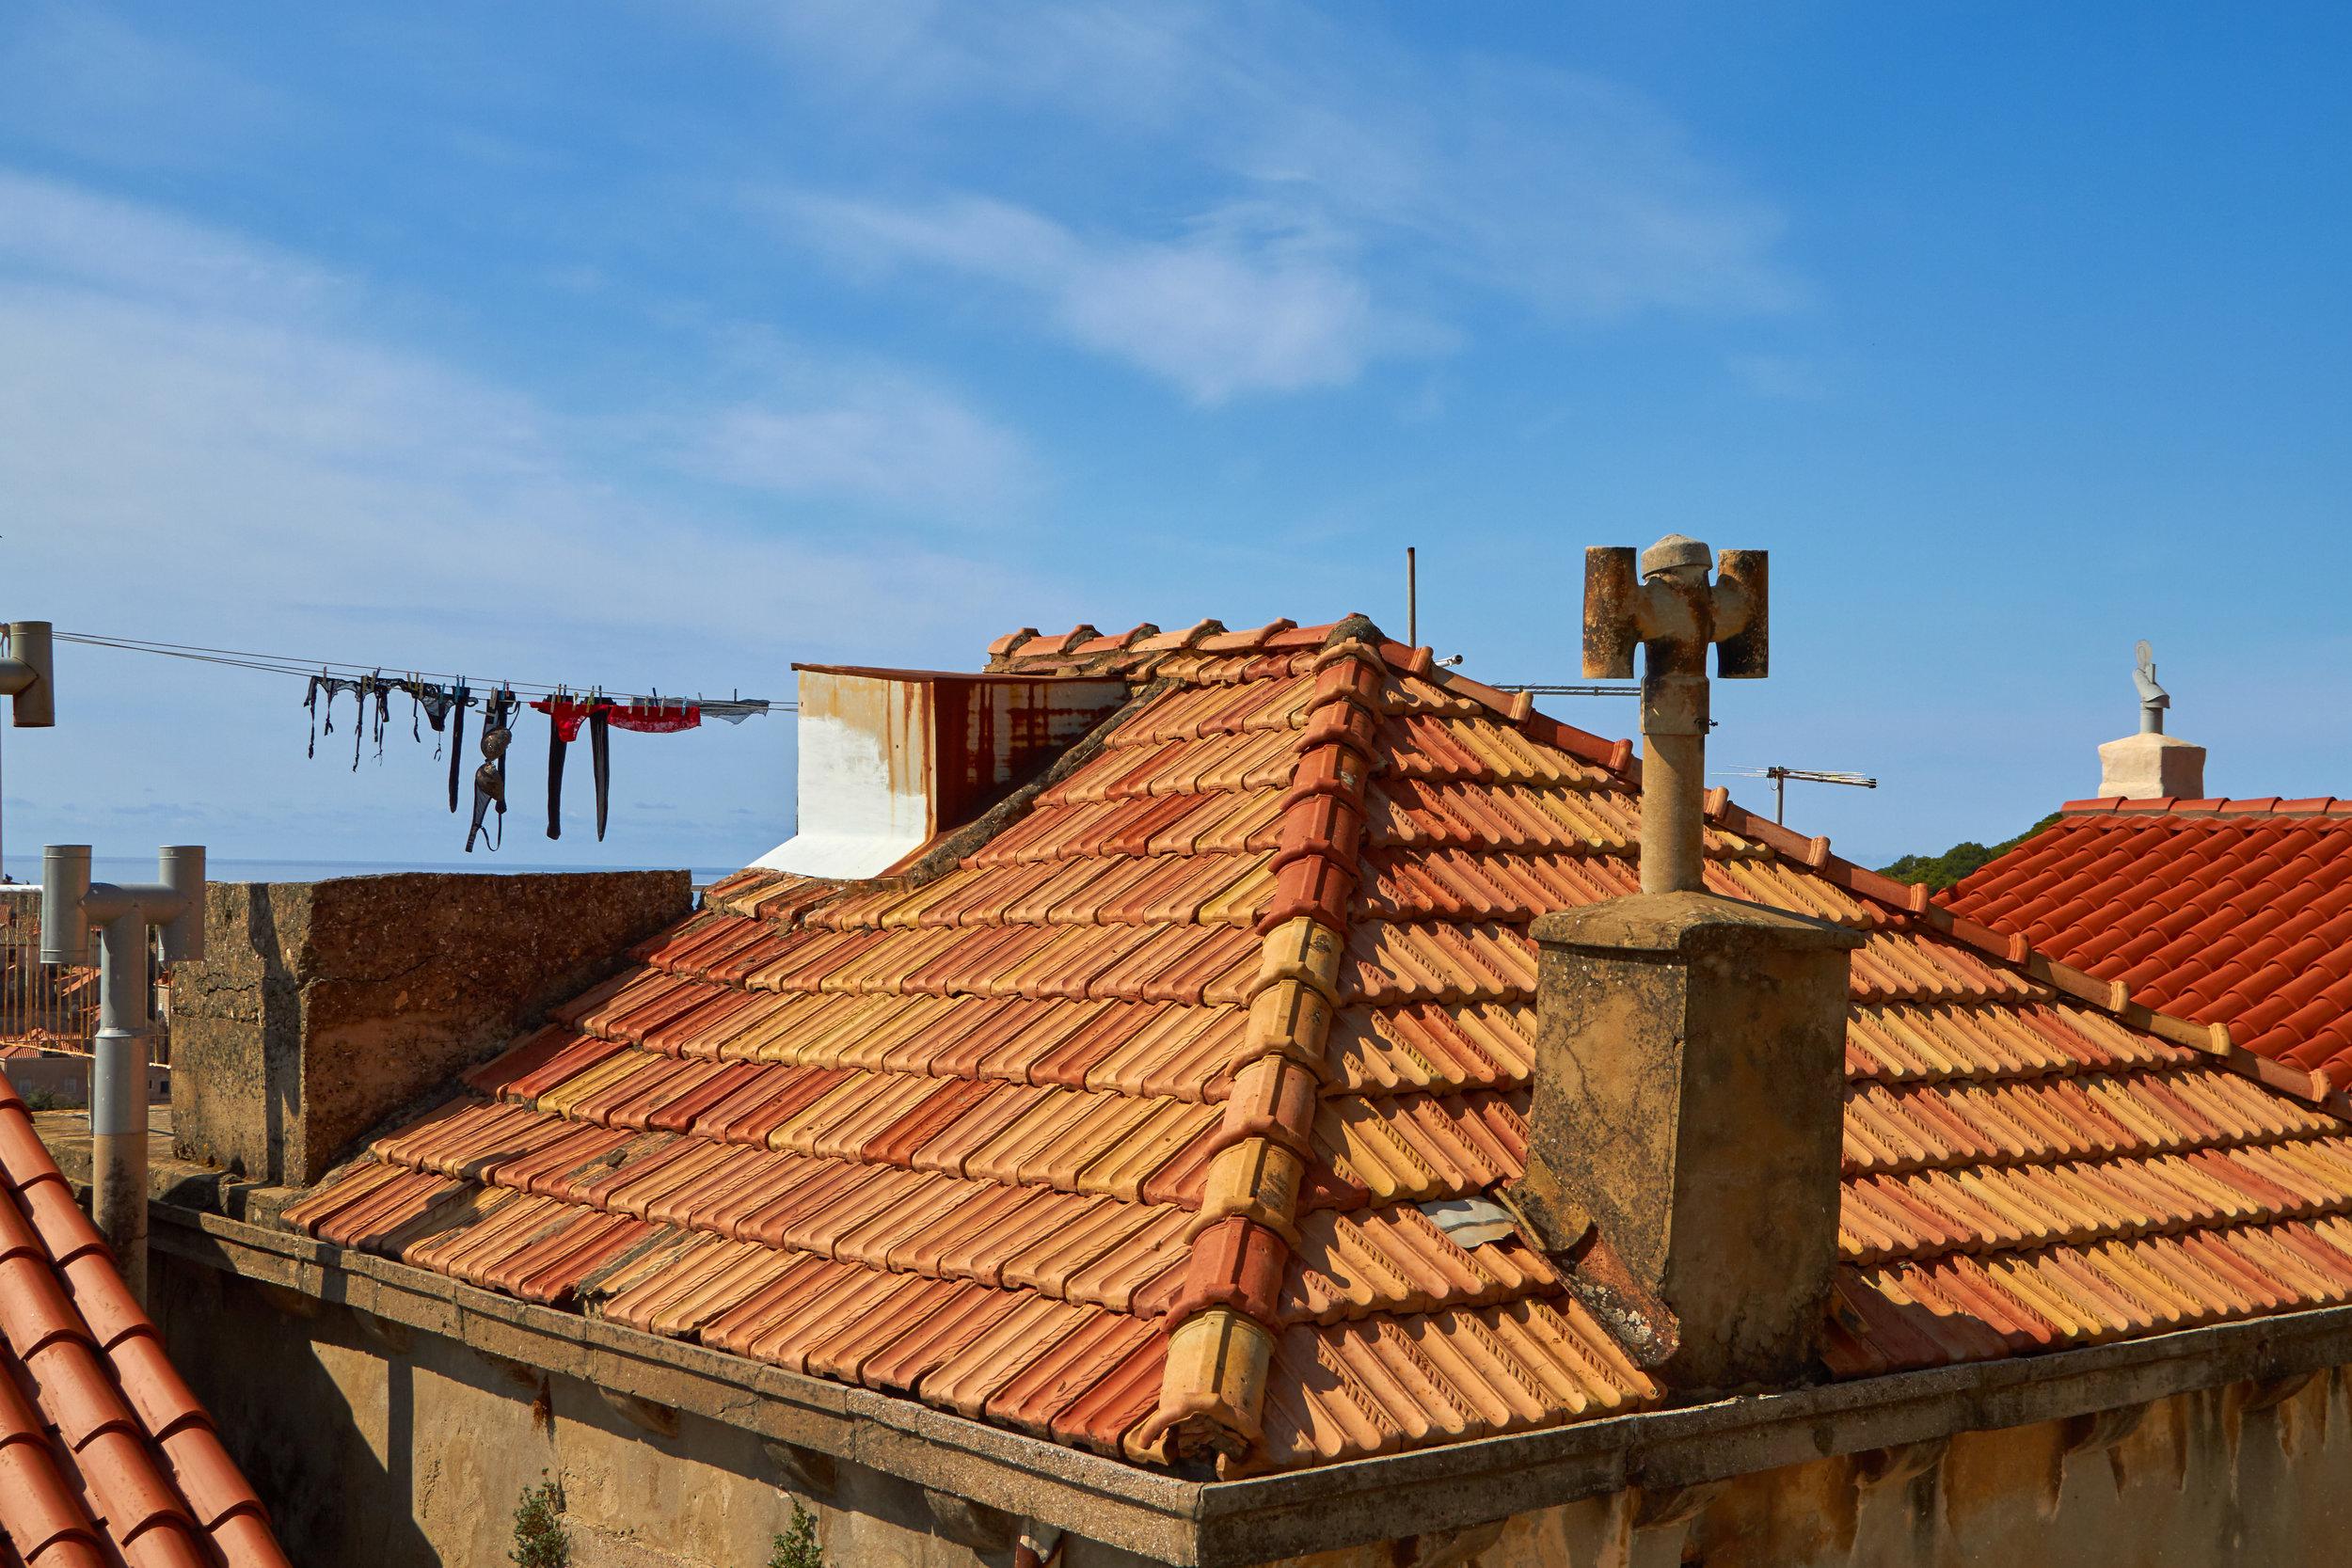 4_24-09-17_Dubrovnik_0482_PROCESSED.jpg